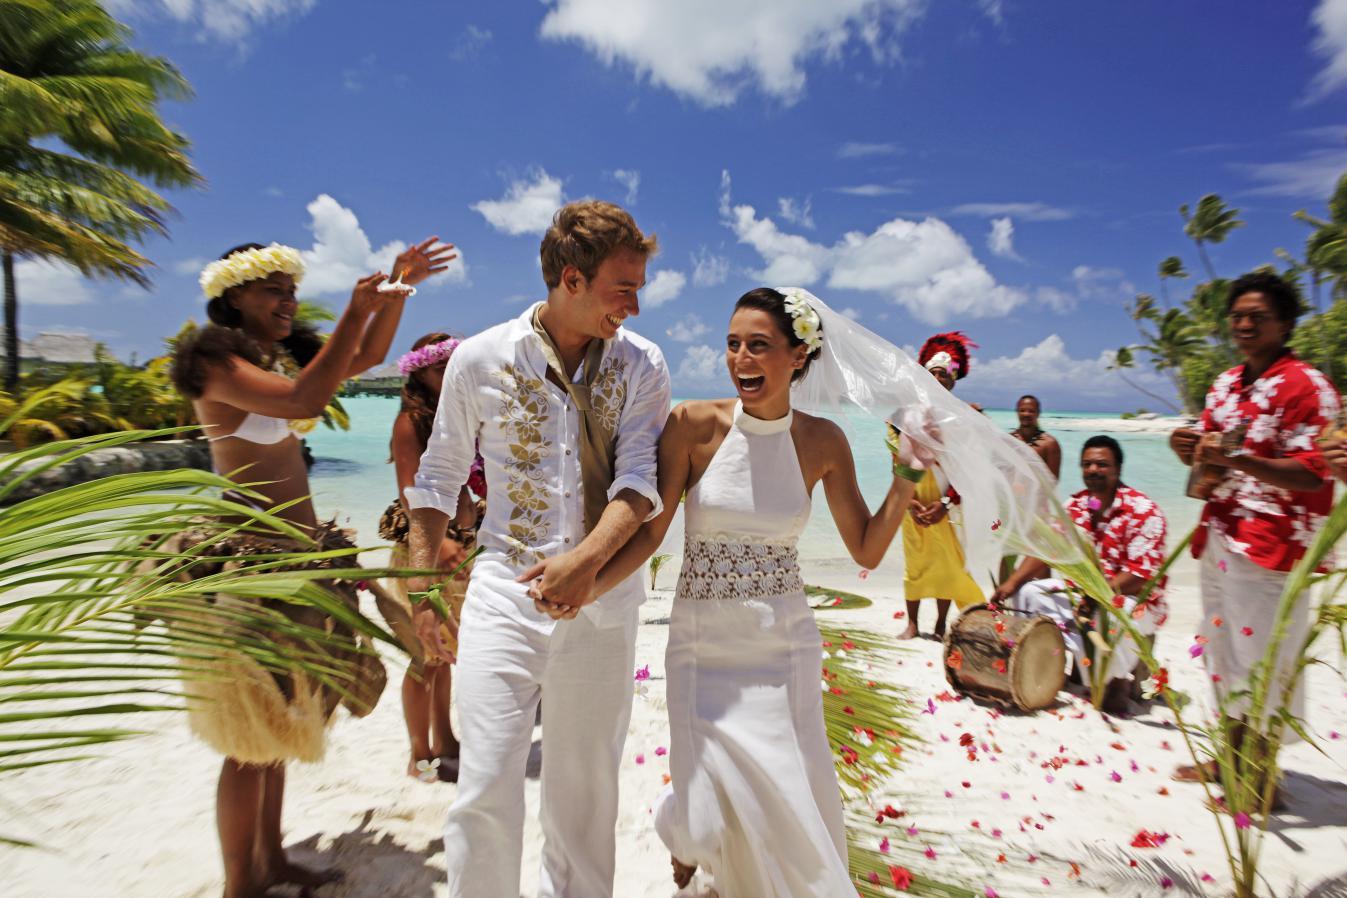 Matrimonio all'estero: prezzi, documenti e validità